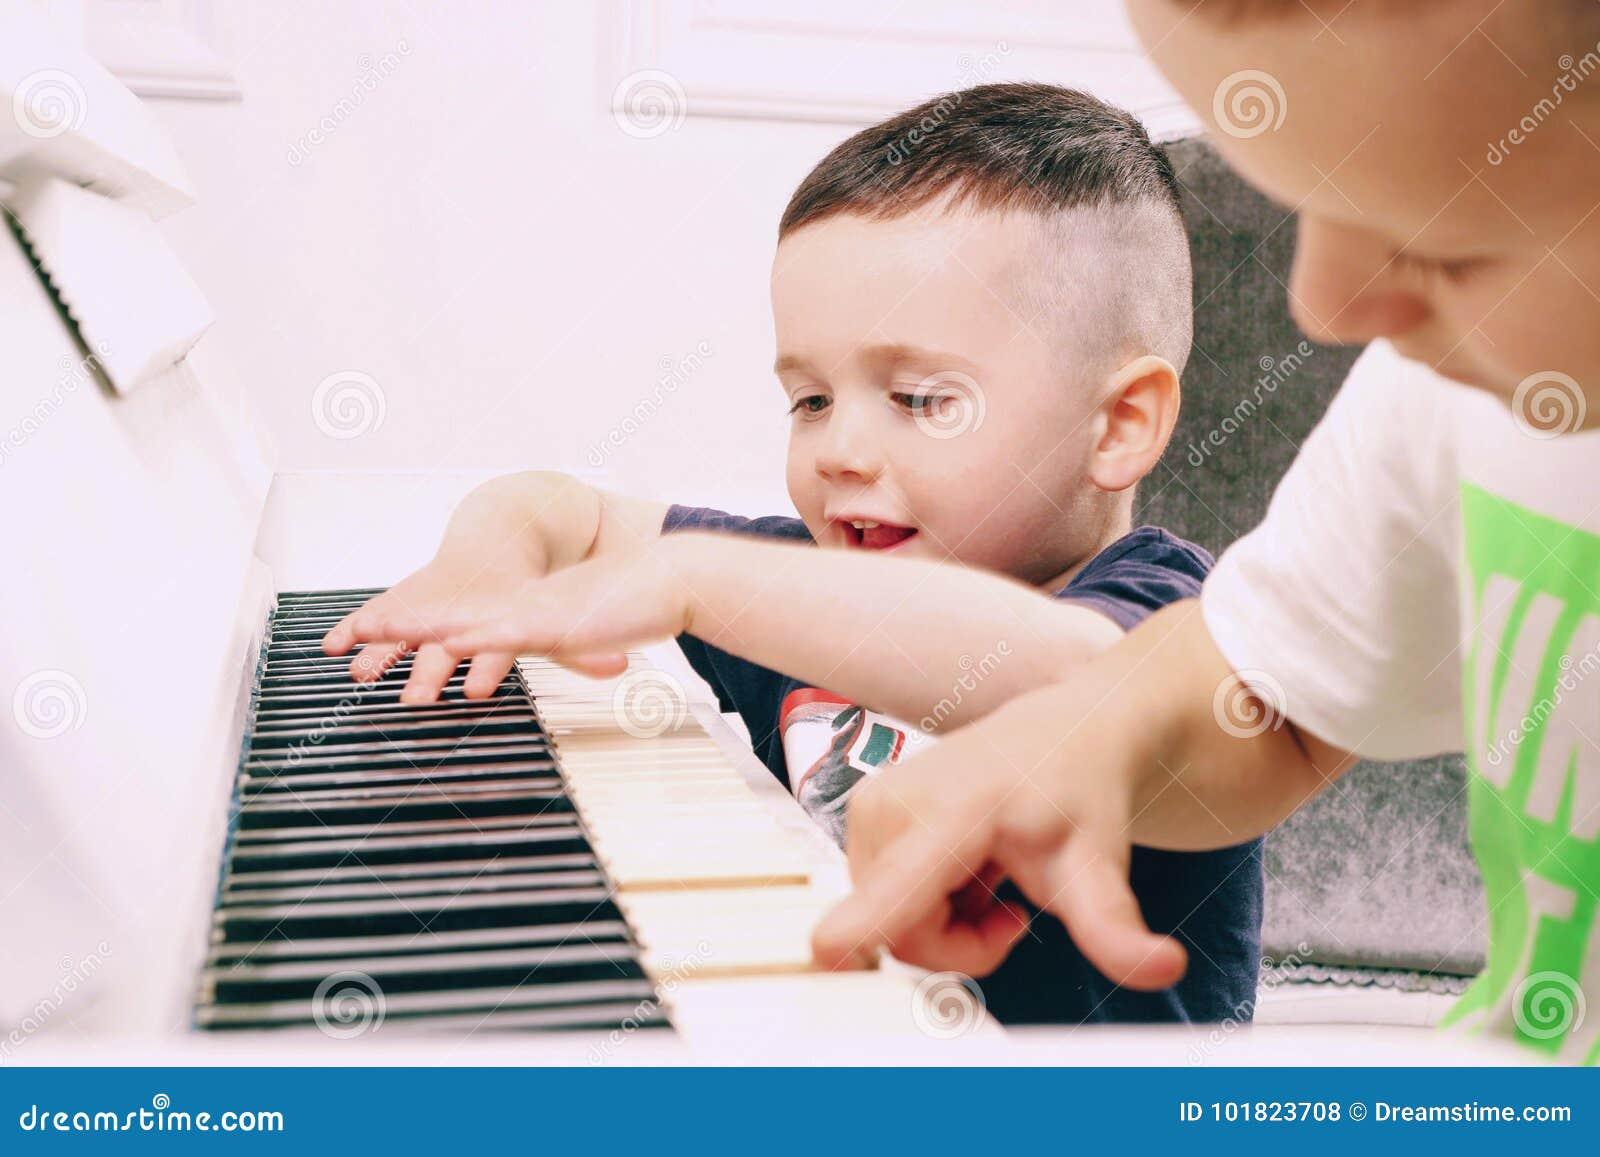 Το αγόρι παίζει το πιάνο